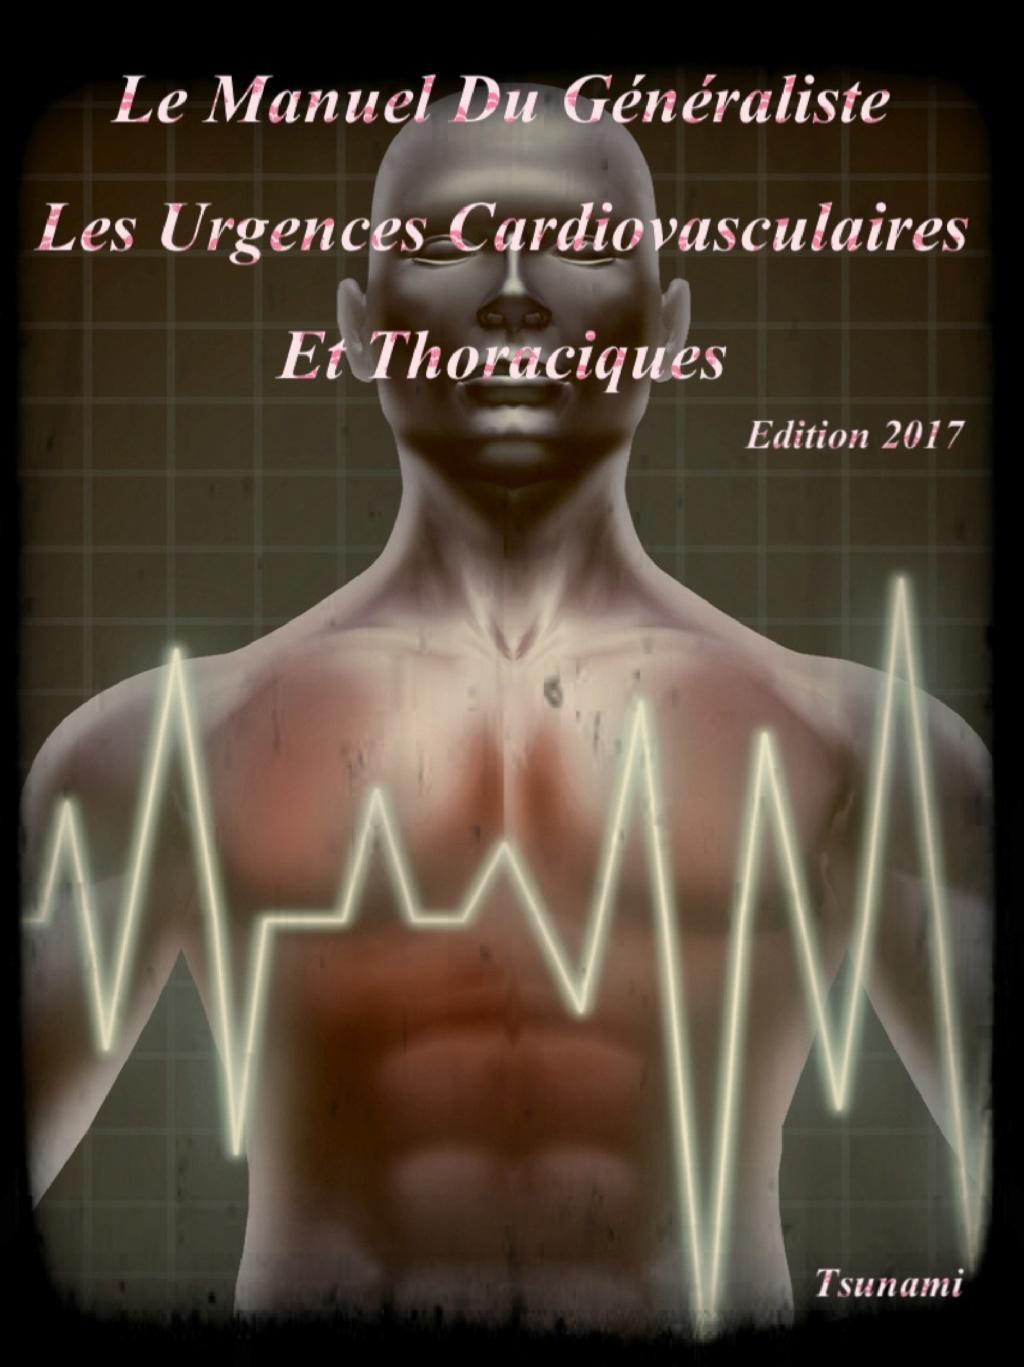 Livres Médicales - Le Manuel Du Généraliste 2017 Les Urgences Cardiovasculaires Et Thoraciques Le_man22